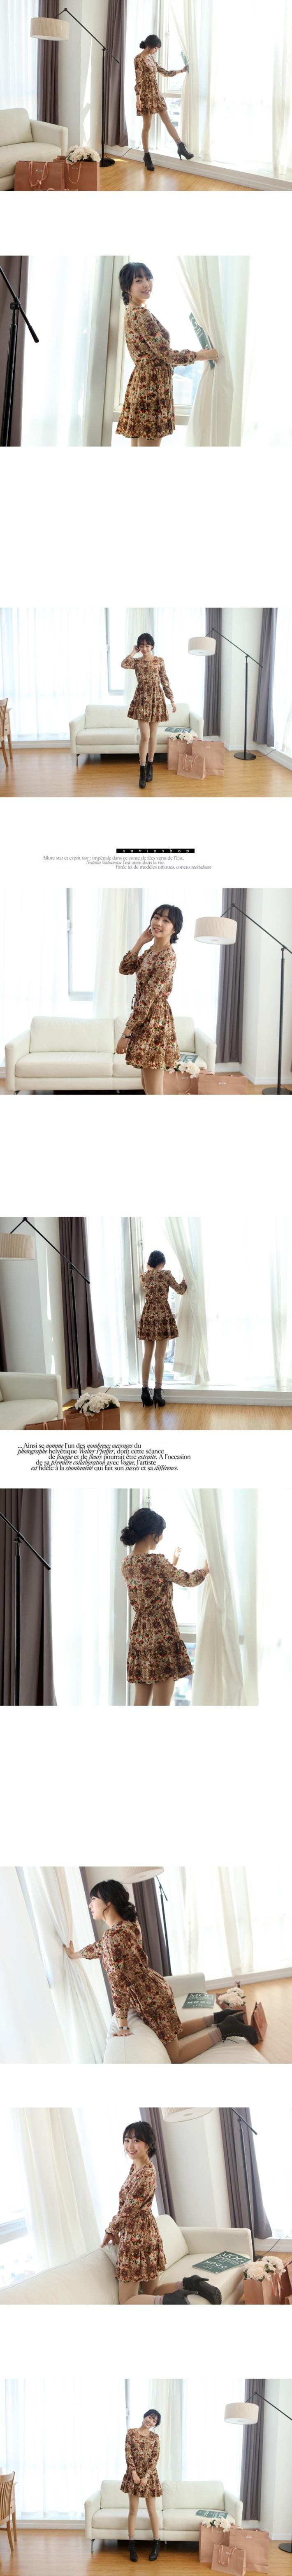 Suvin - Vintage Rose dress - 4